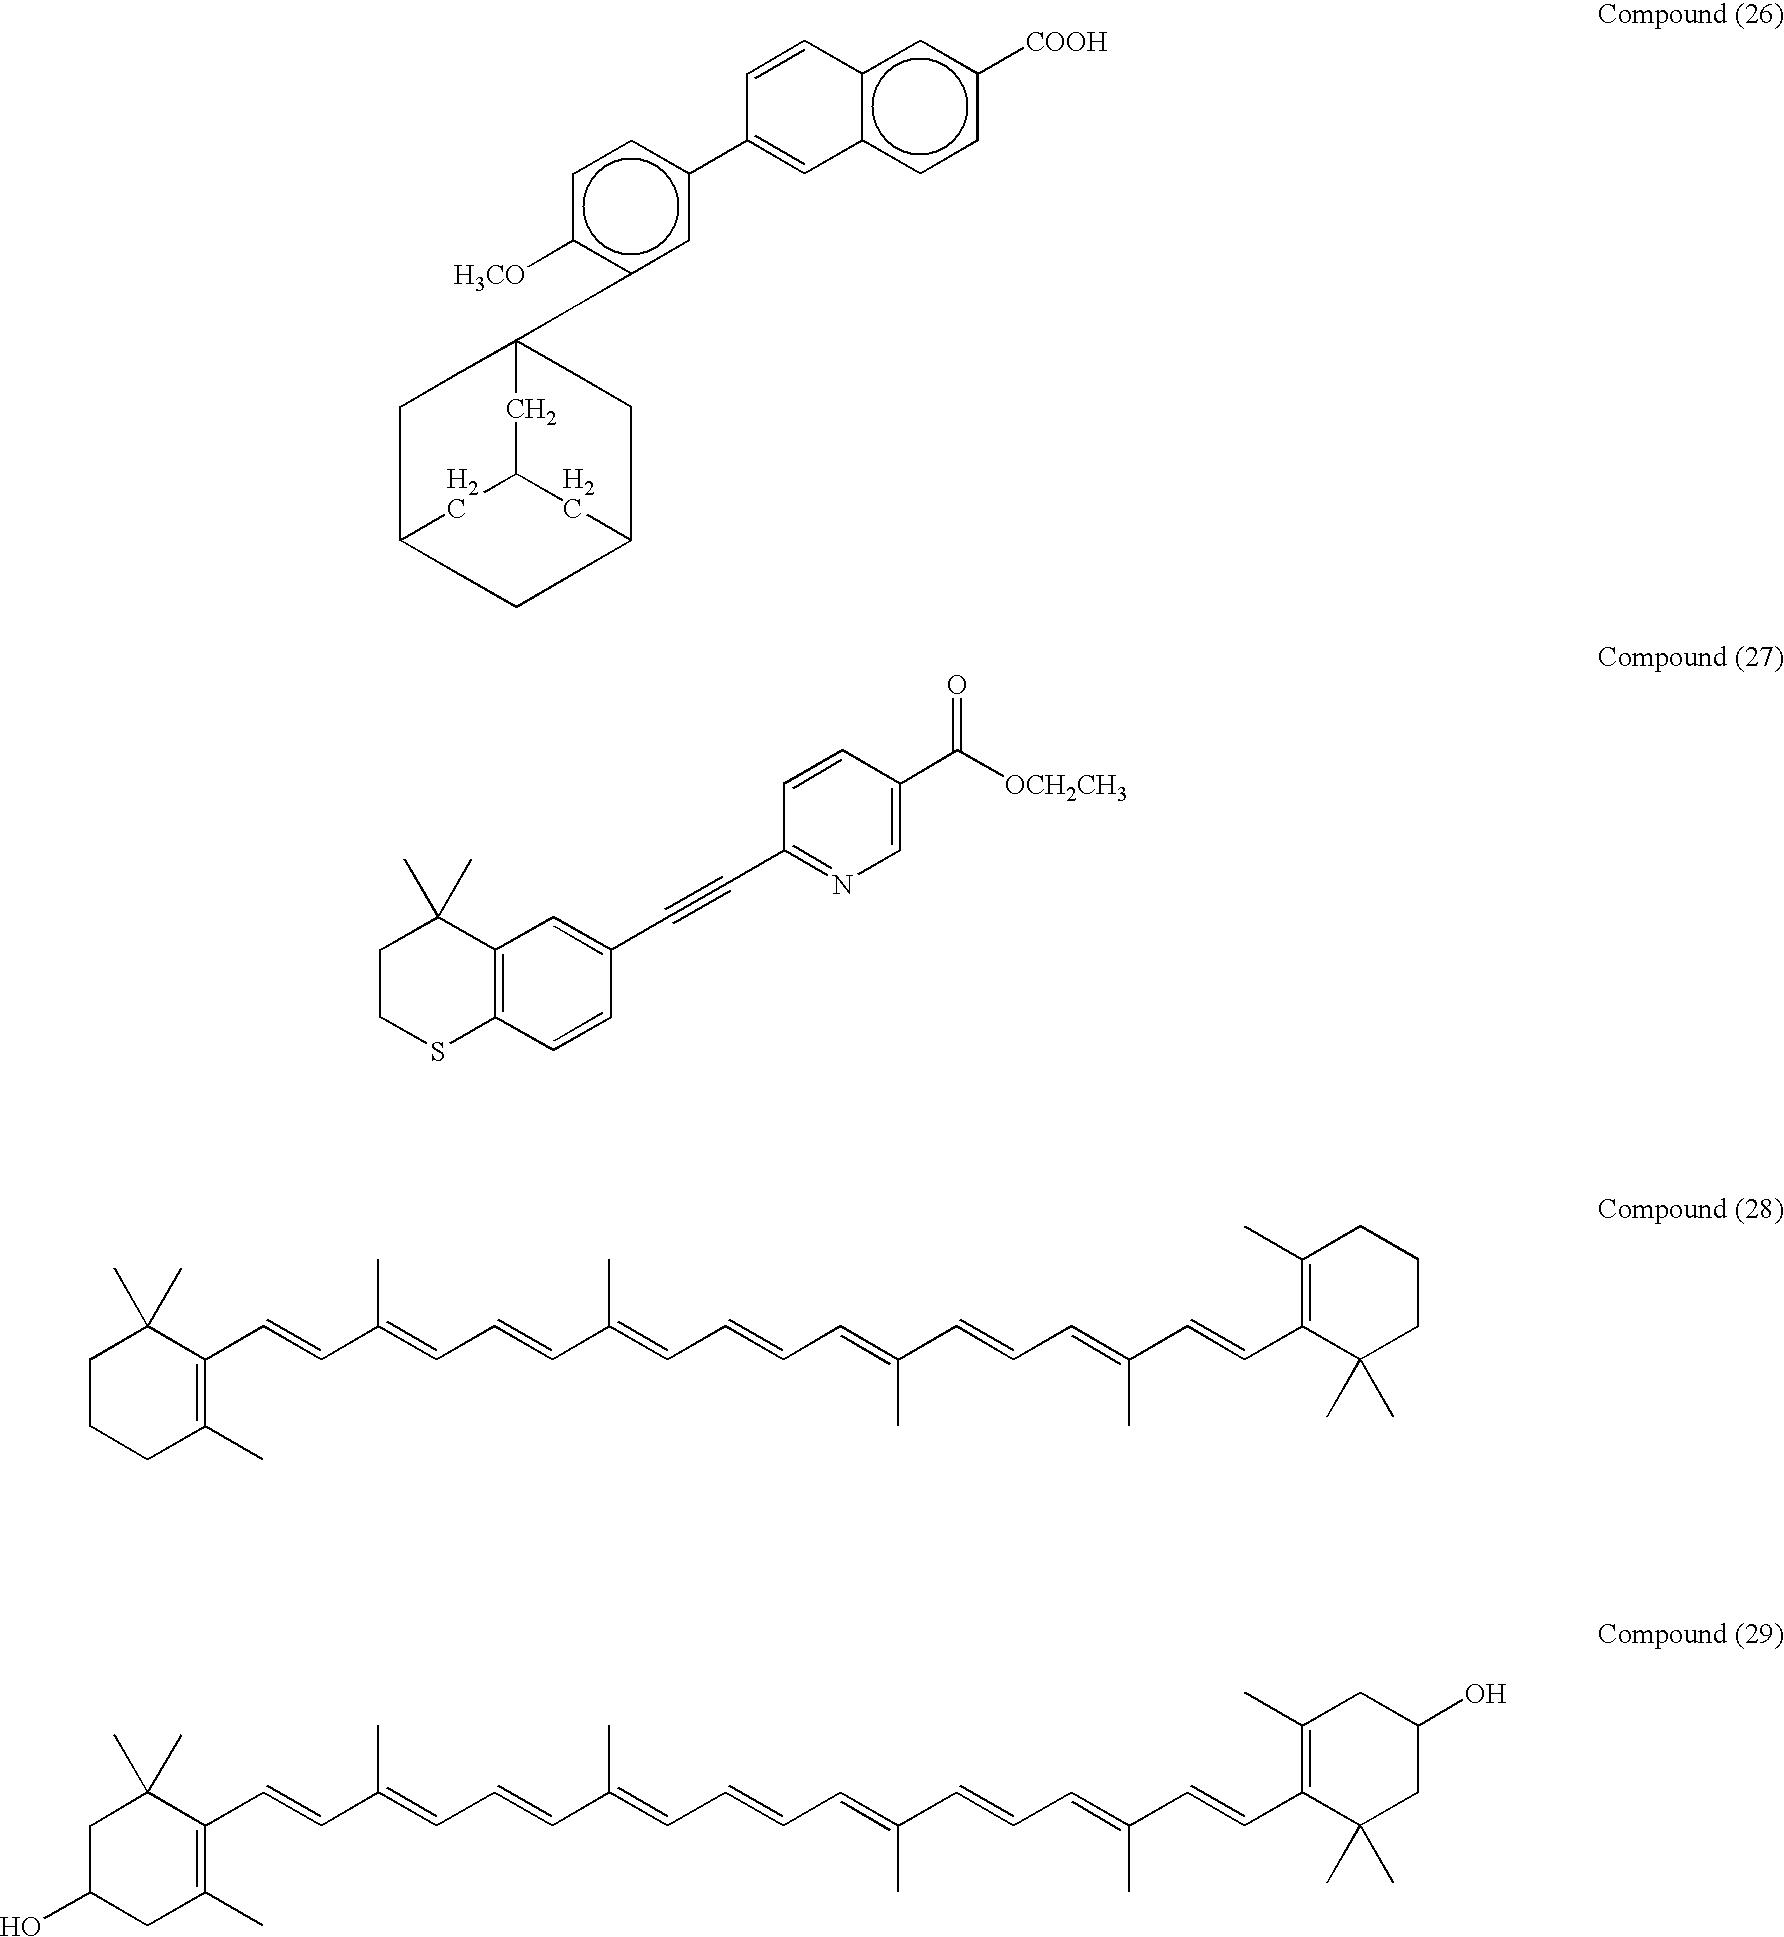 Figure US20050205086A1-20050922-C00005